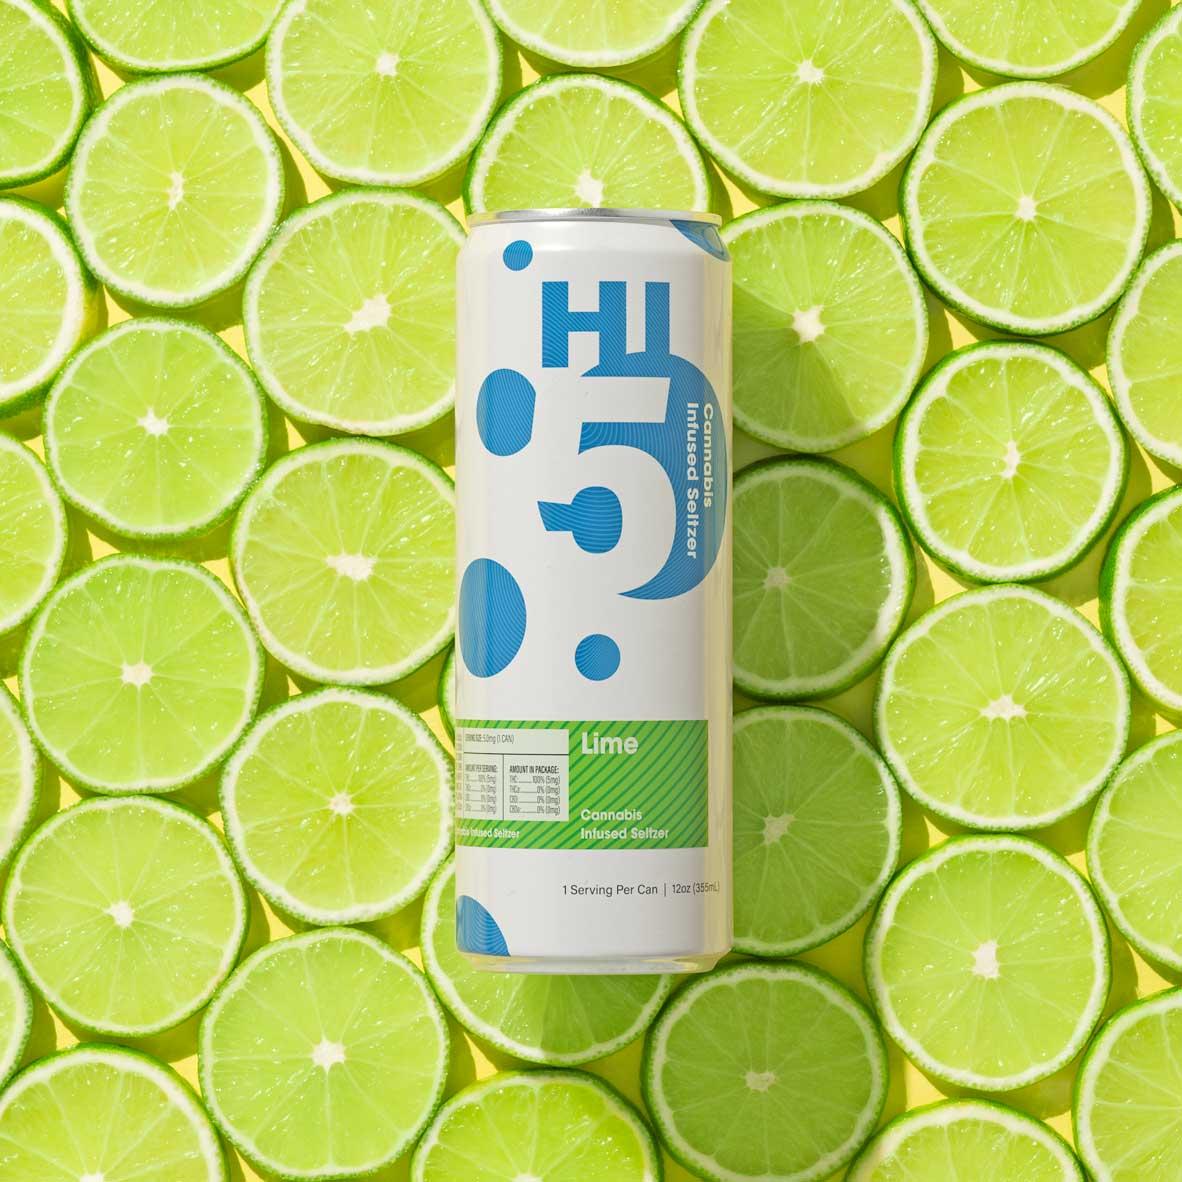 Lime Seltzer